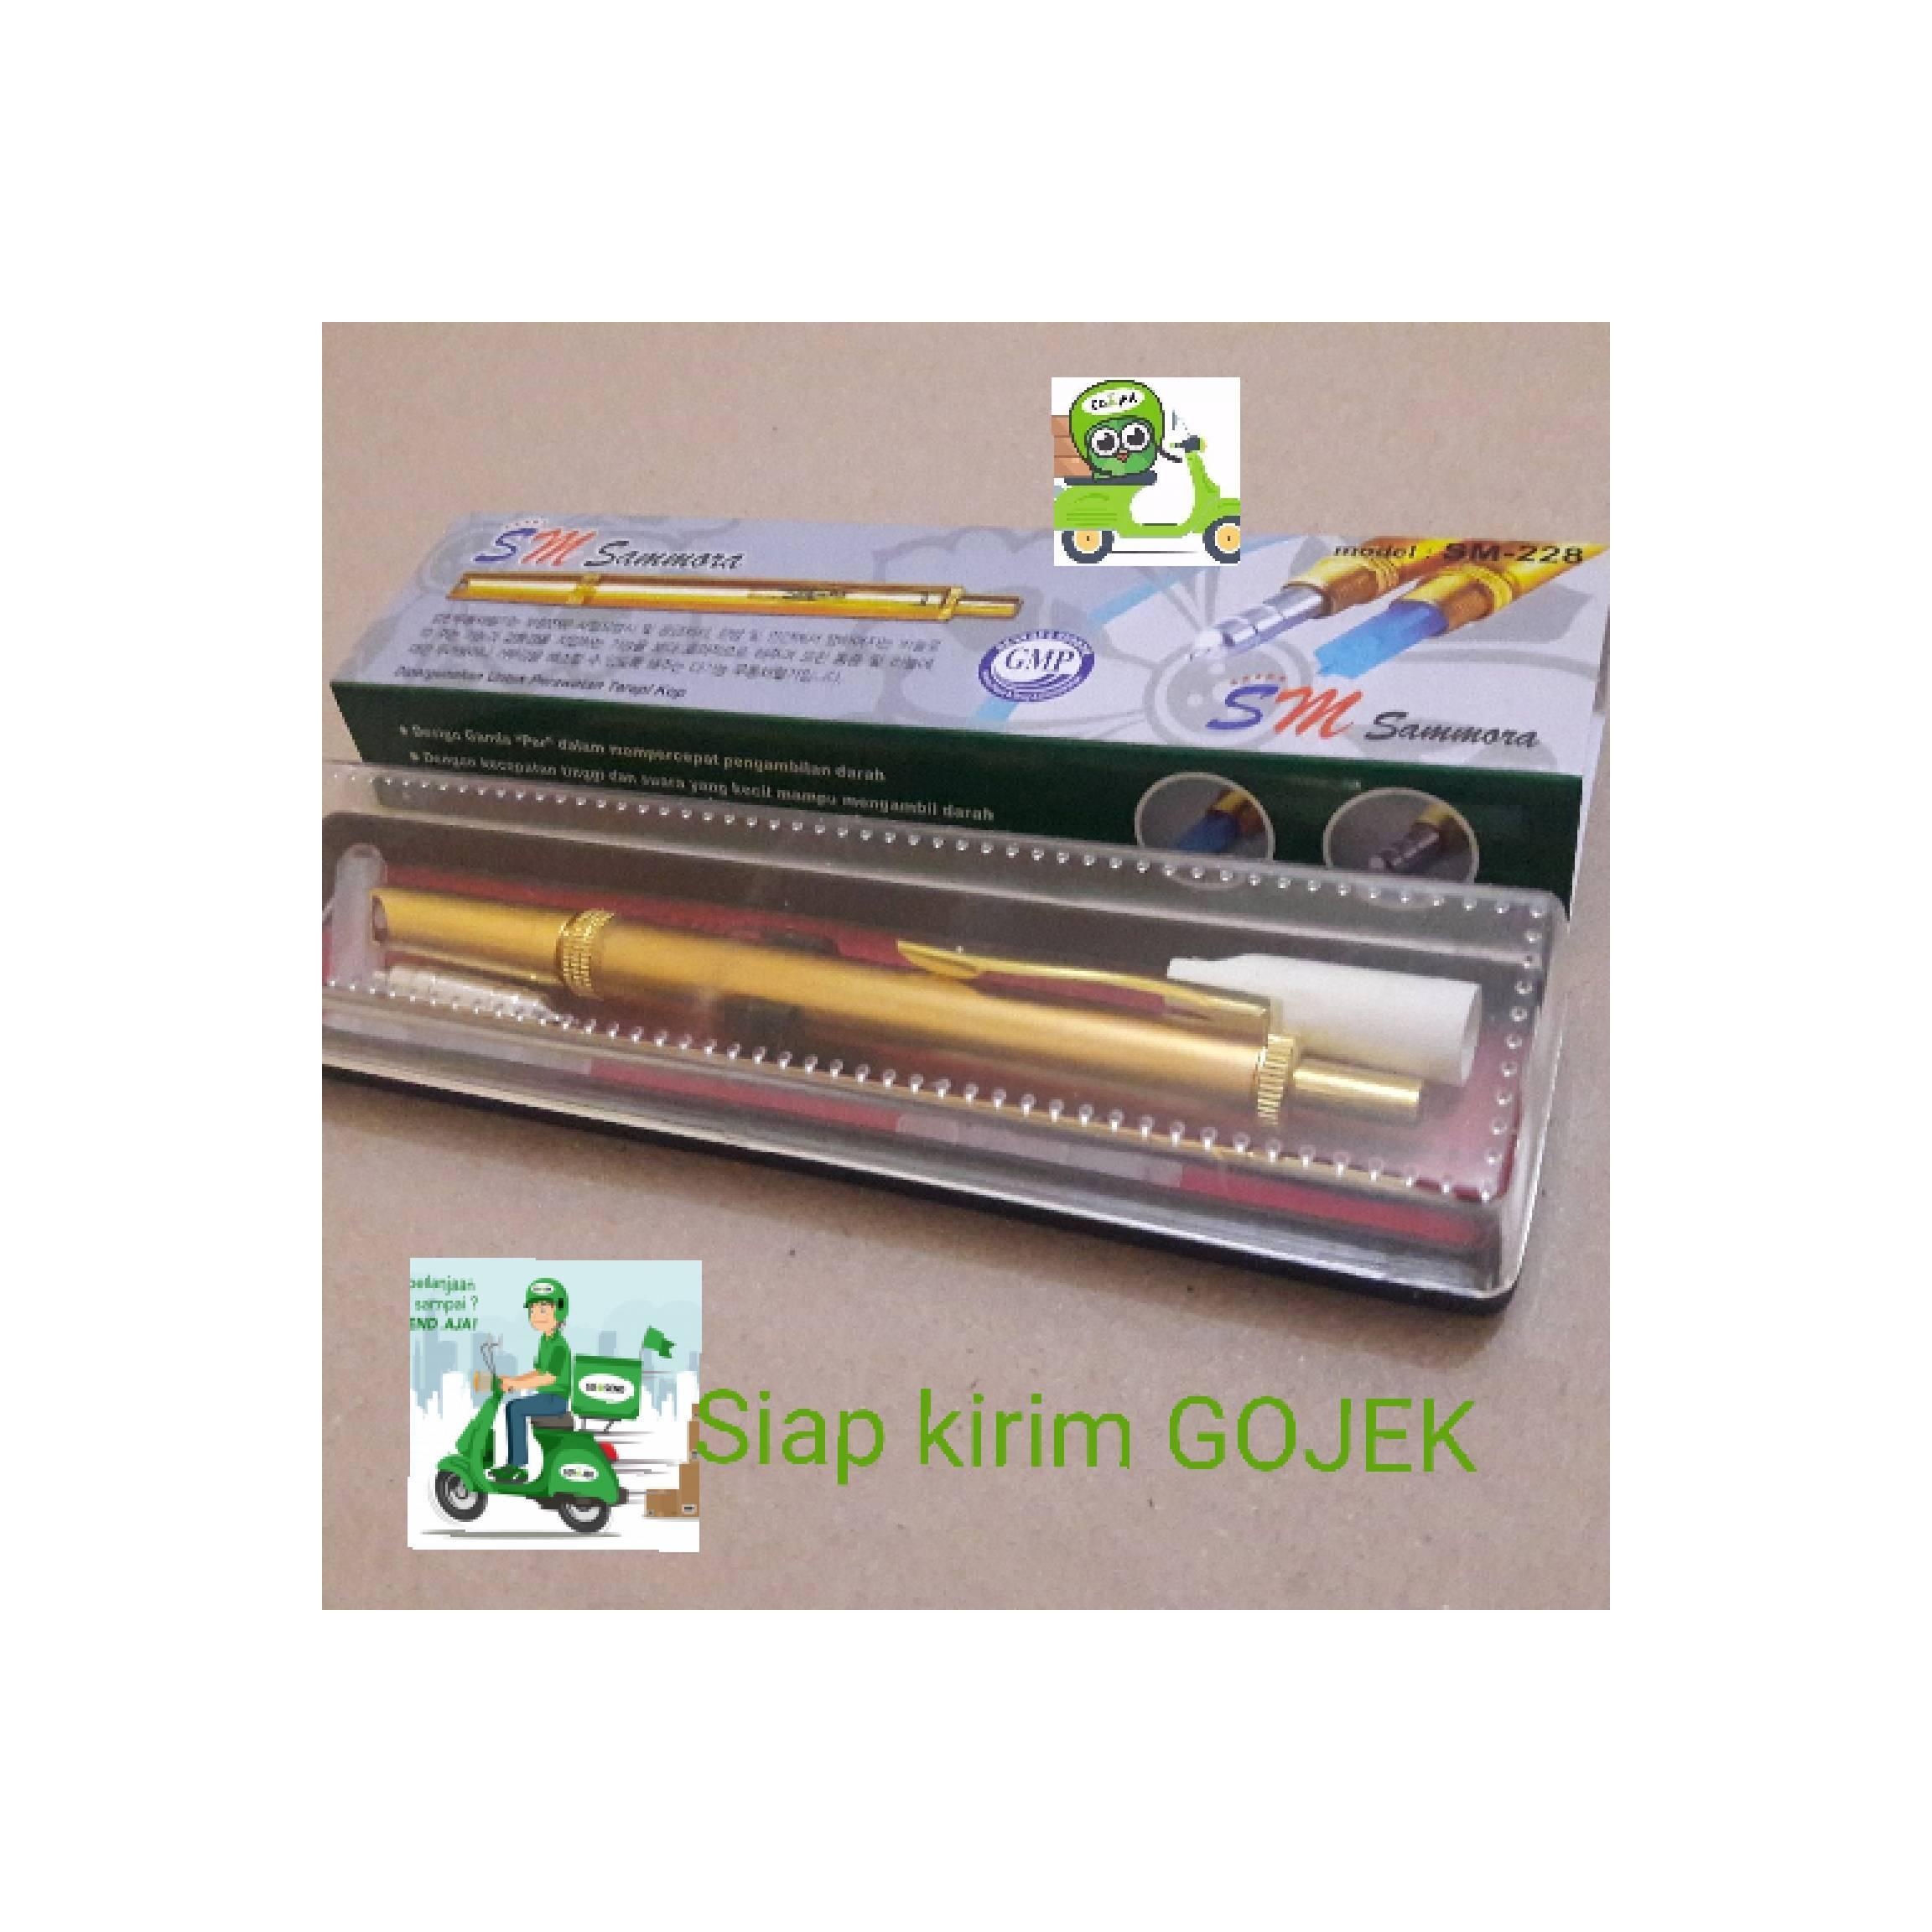 Yin Yang Pena Alat Bekam Lancing Gold Daftar Harga Terlengkap Samora 12 Pcs Premium Pen Stainless Sammora Dus Biru Device